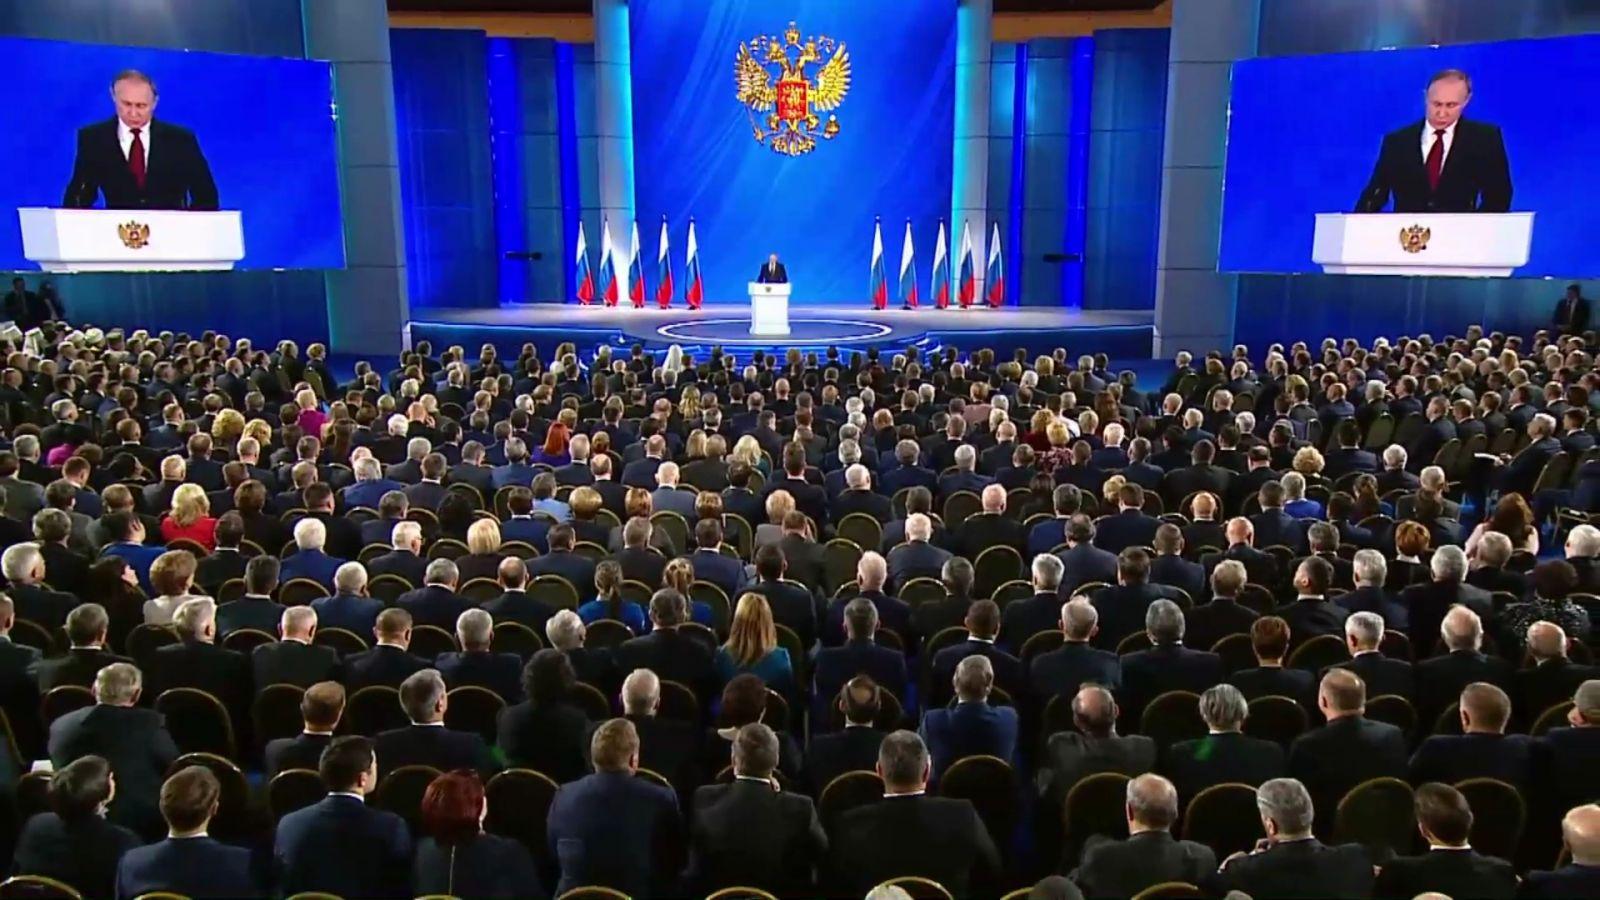 Какие изменения ждут россиян в ближайшее время? Тезисы обращения Владимира Путина к Федеральному собранию